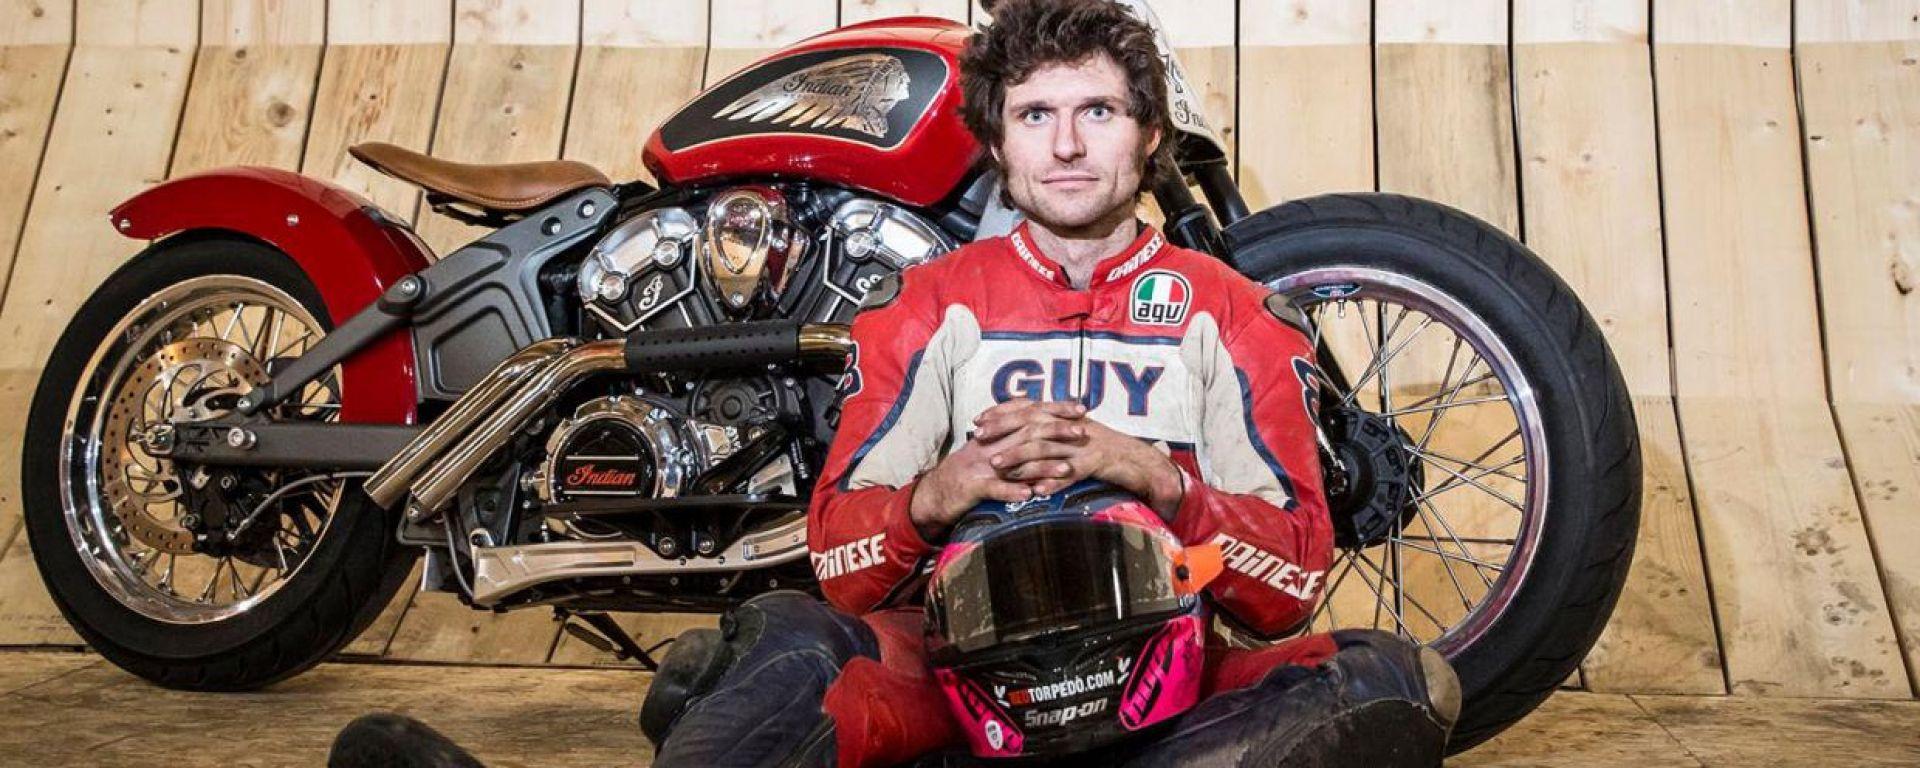 Guy Martin batte il record mondiale di velocità sul muro della morte